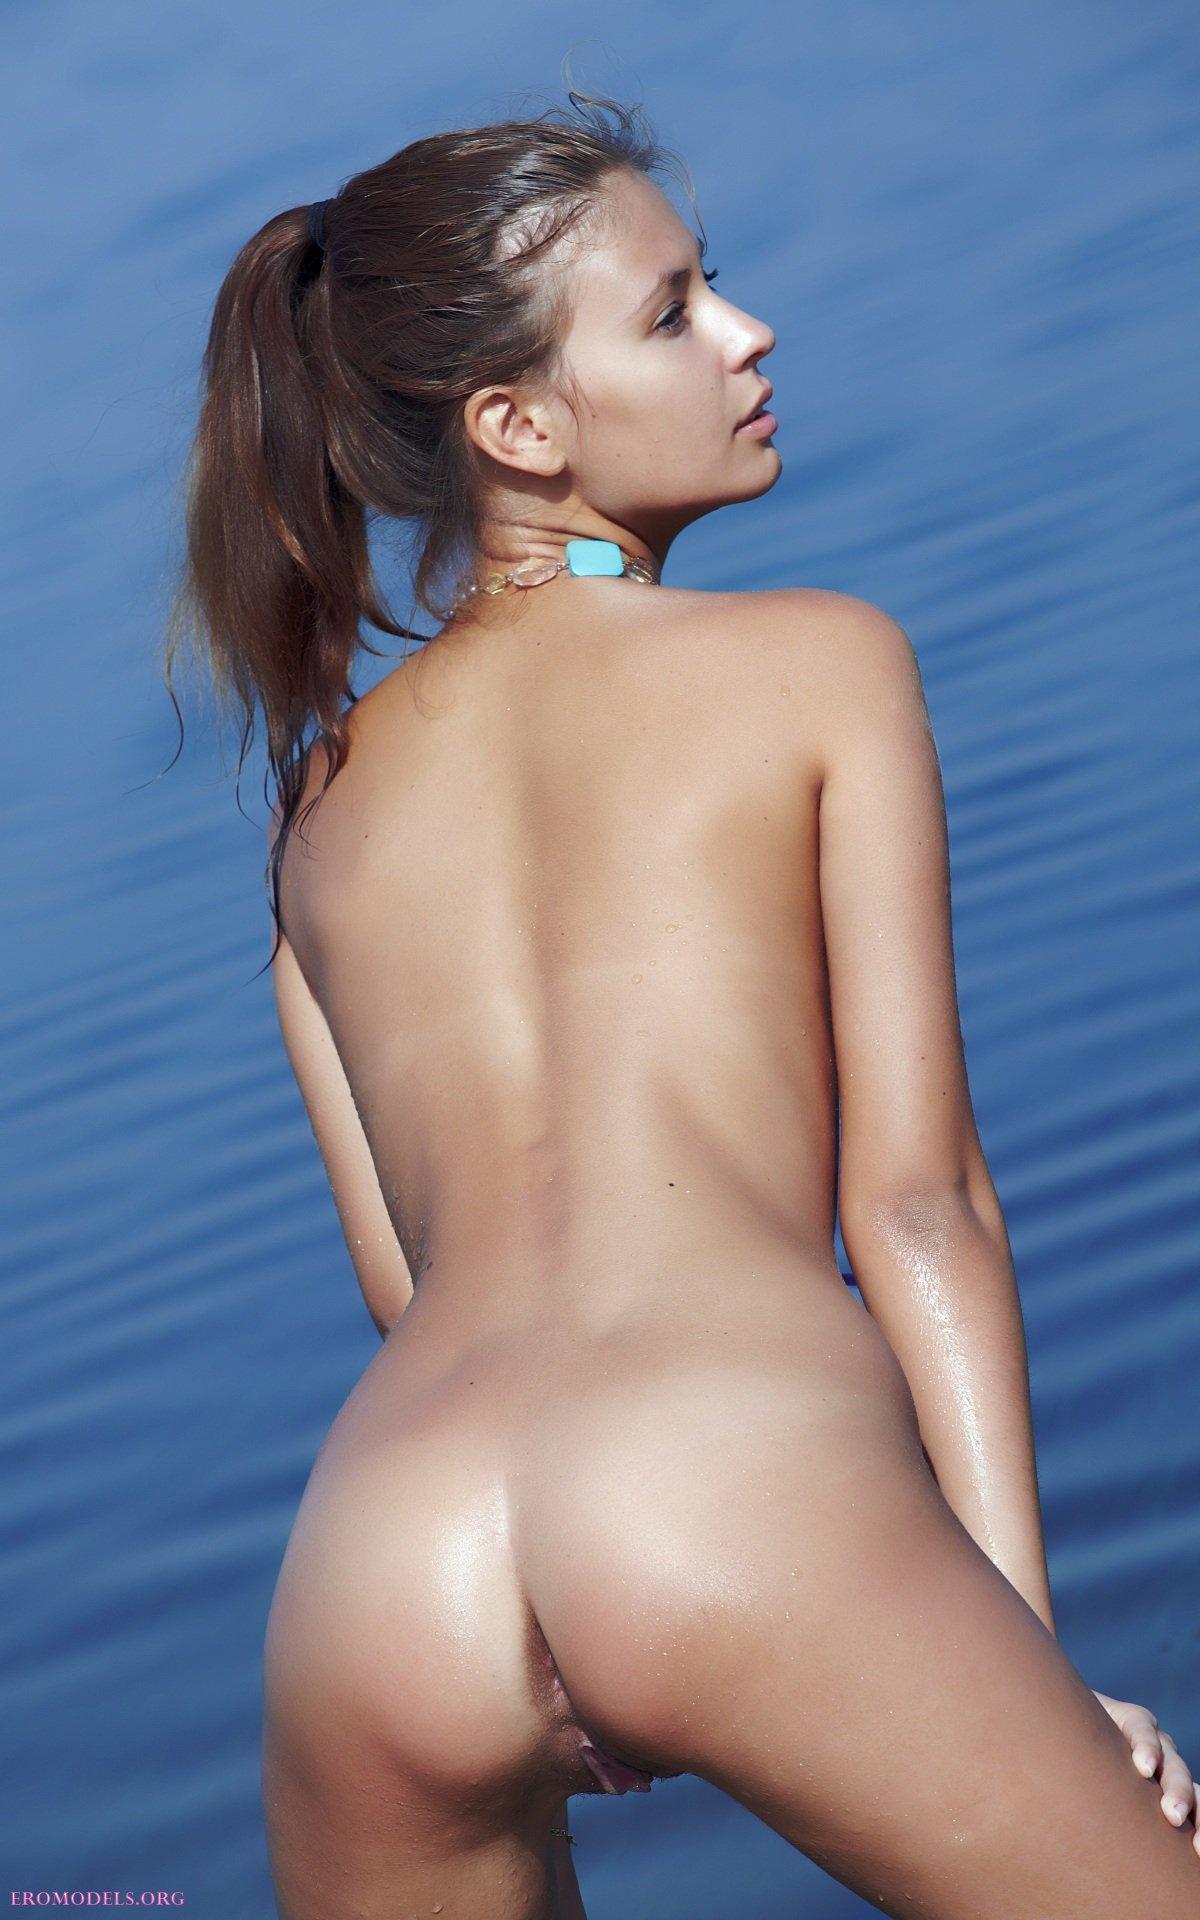 Фотосессия на воде эротика, порнографии звезд знаменитостей